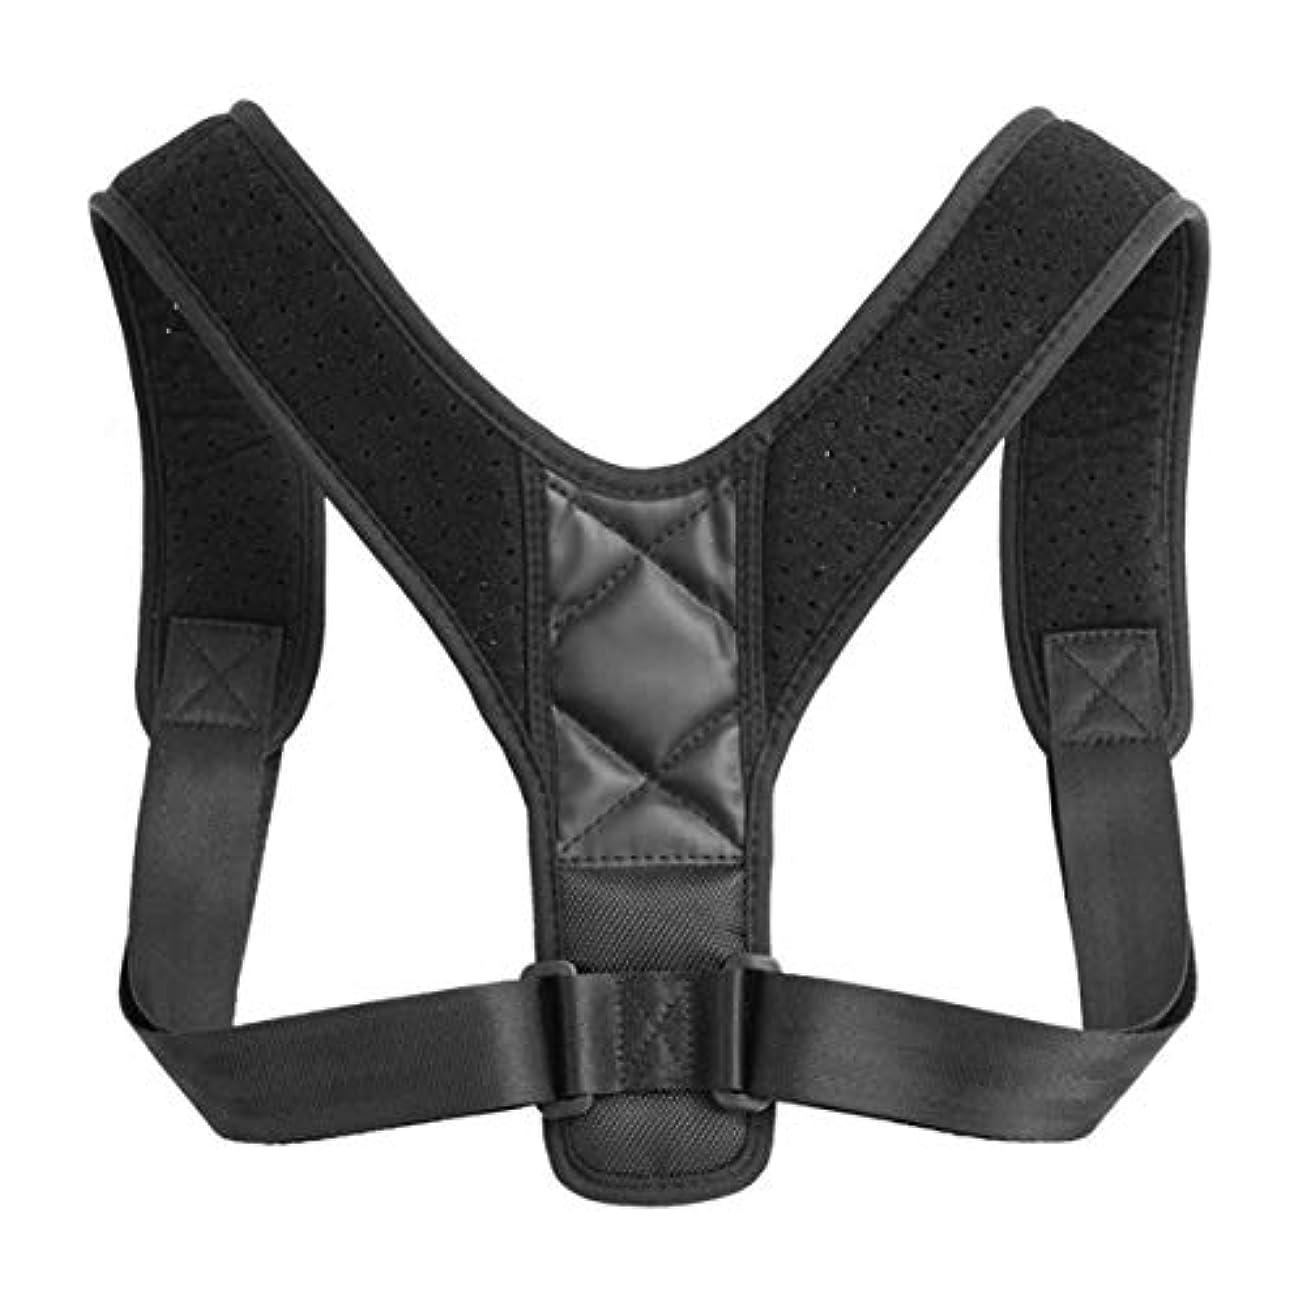 服を着る大通り責大人の学生調節可能な背中の姿勢補正ブレースショルダーサポートバンドベルトの姿勢正しいベルト防止ハンチバック - ブラック